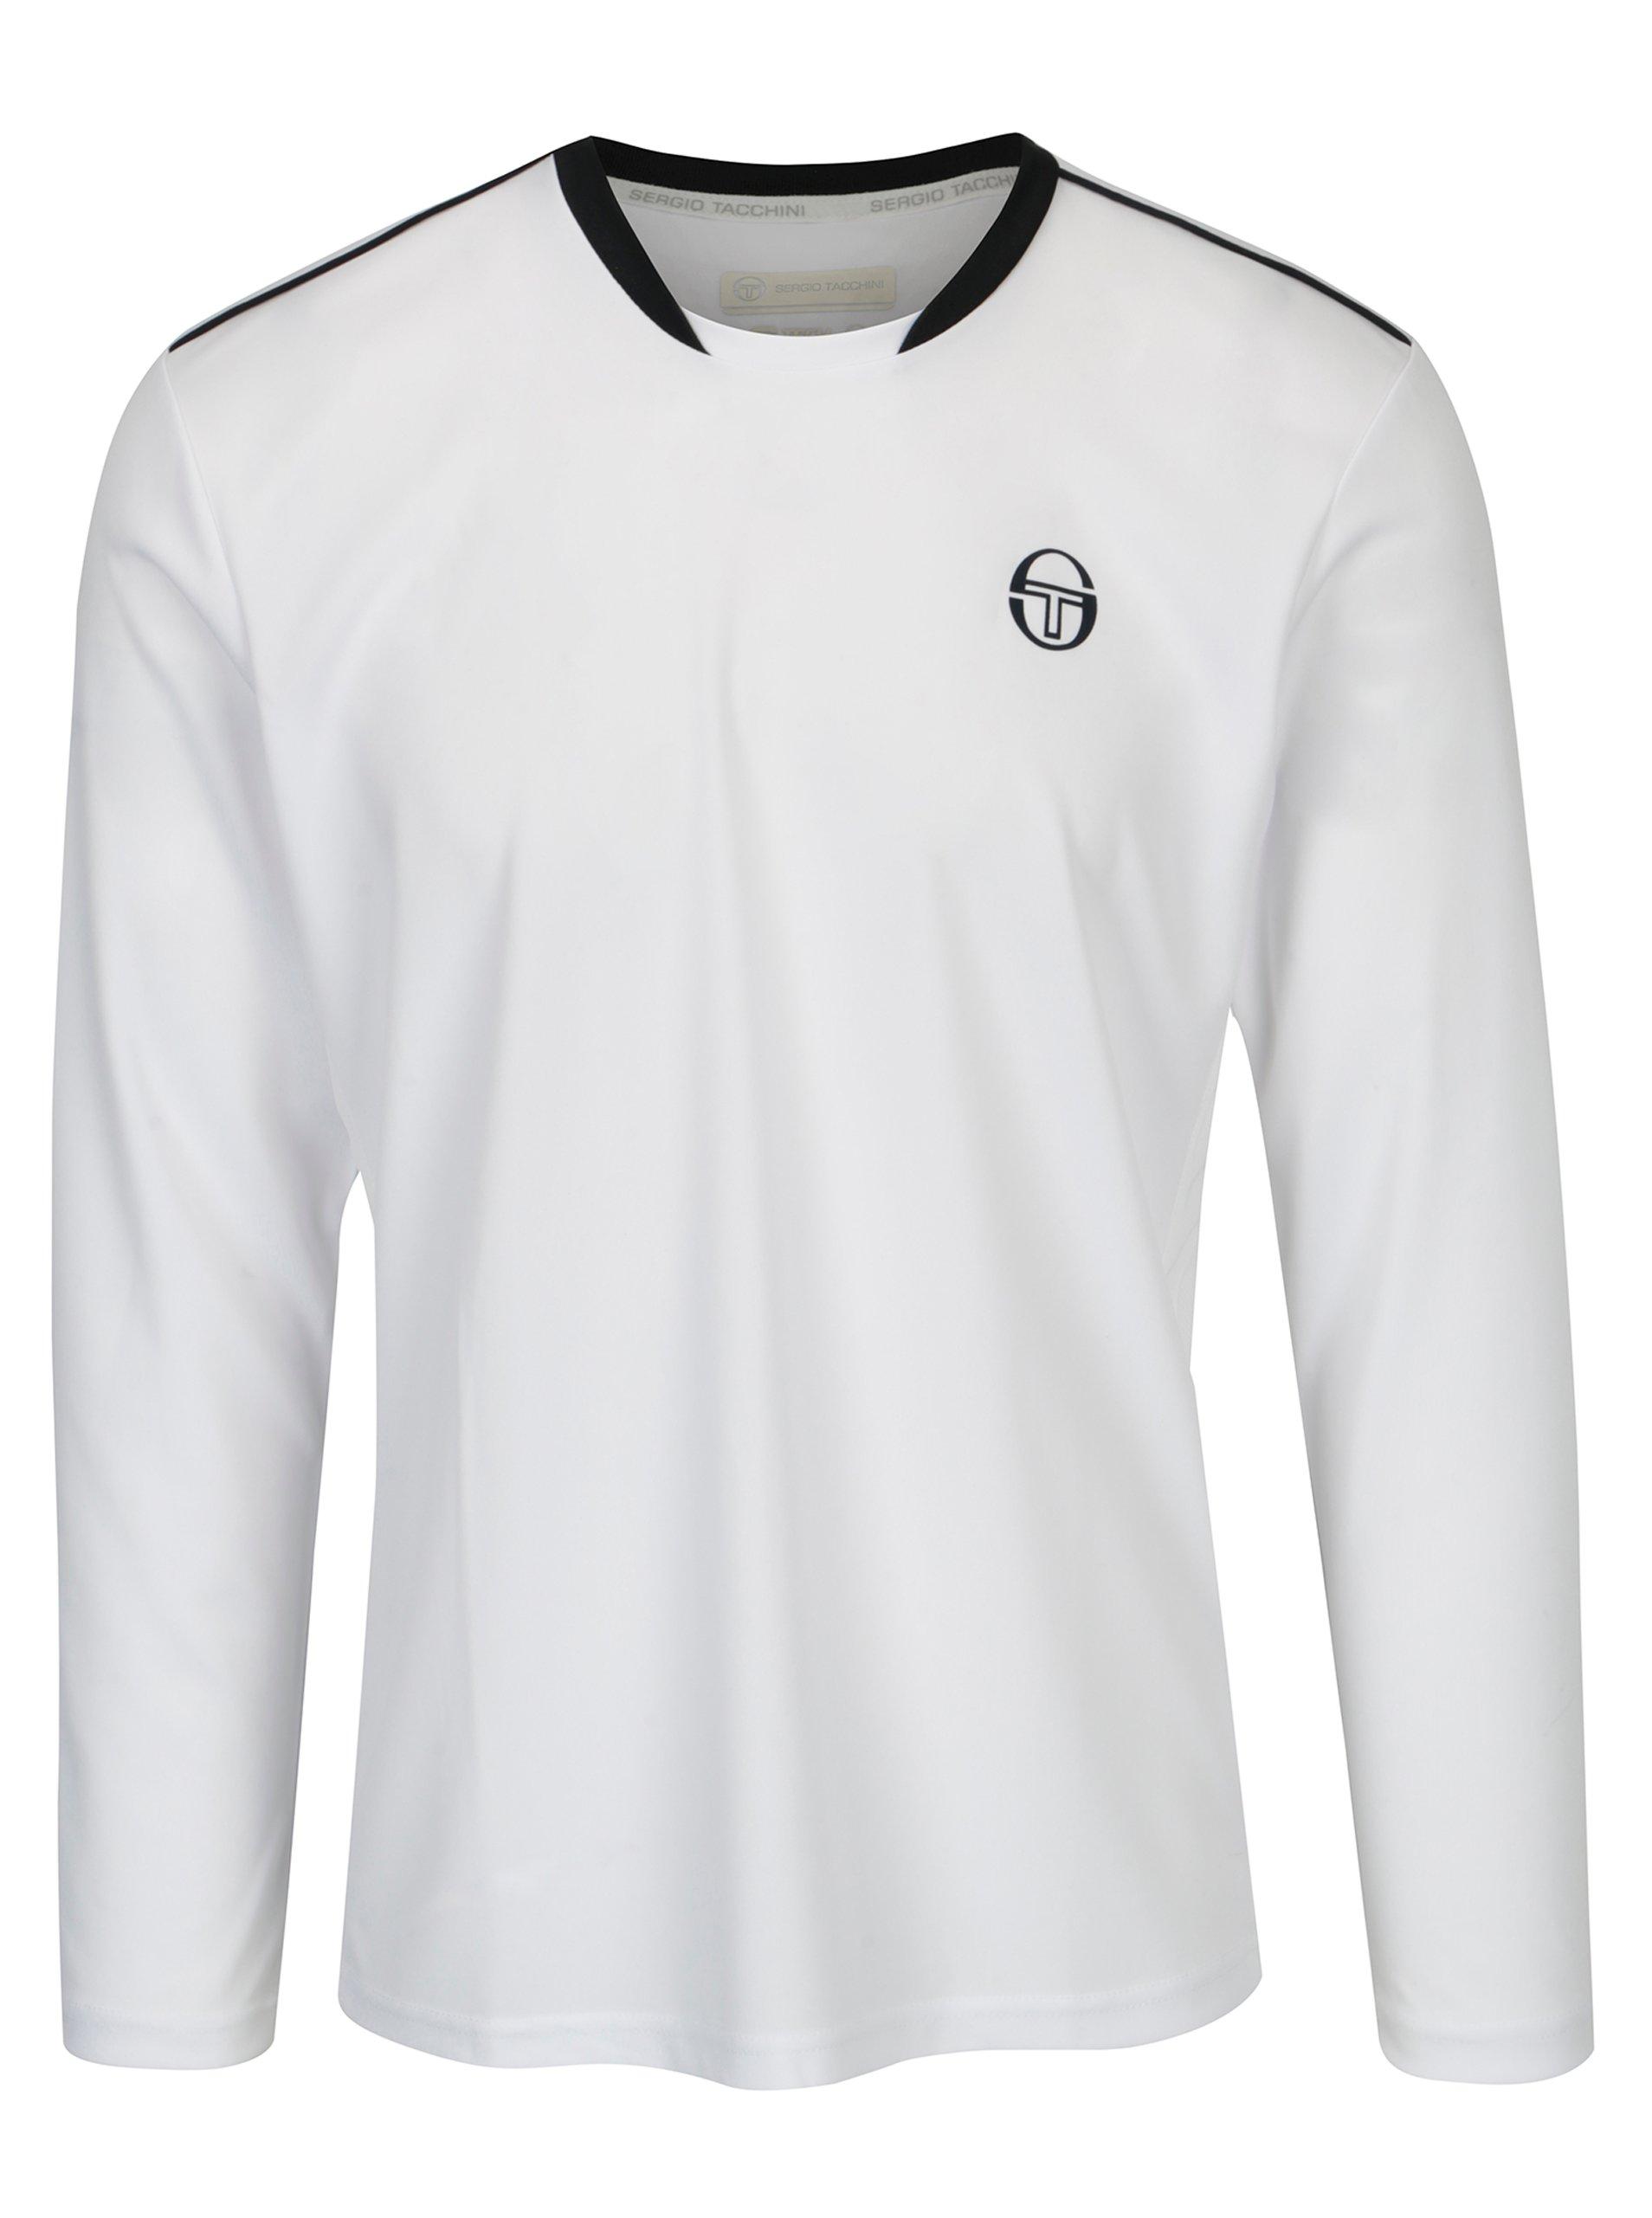 Bílé pánské sportovní tričko s dlouhým rukávem Sergio Tacchini Club Tech